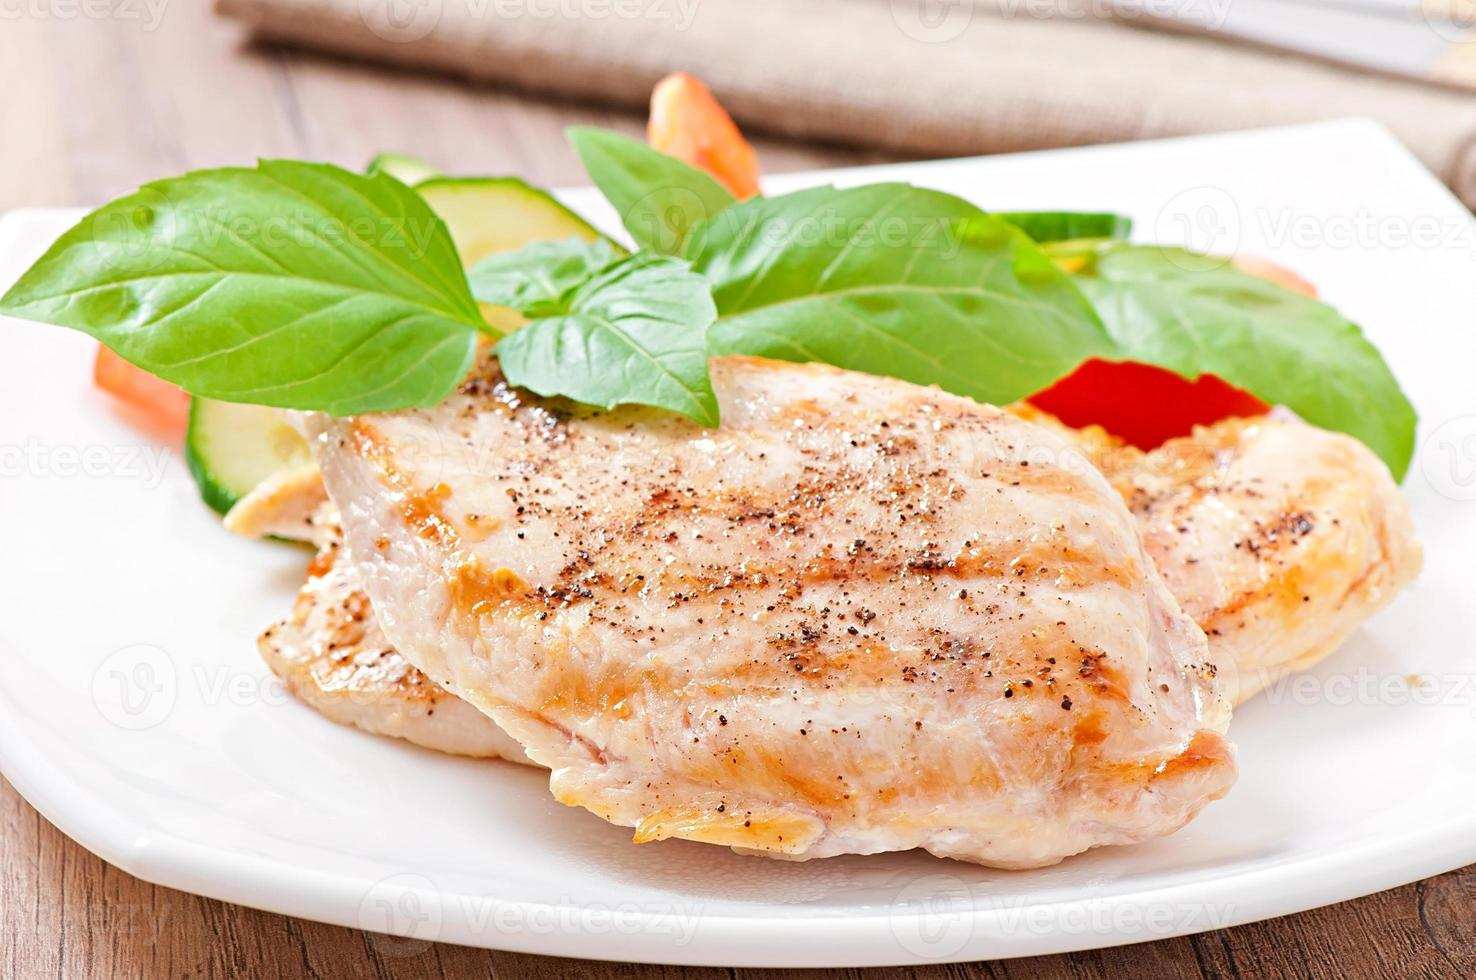 pechugas de pollo a la parrilla y verduras foto